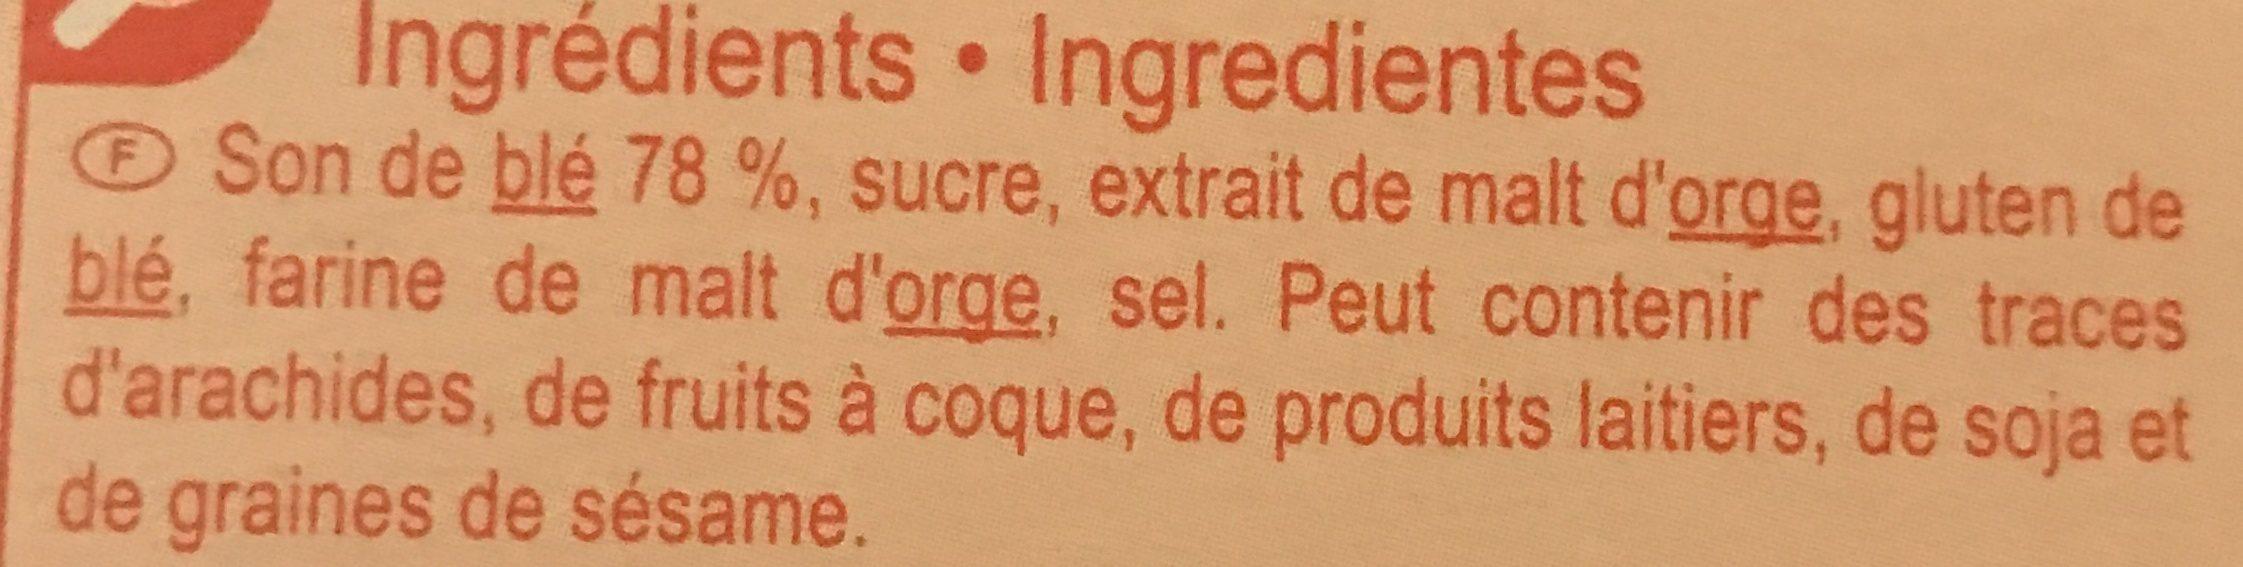 Fibra sticks - Ingrédients